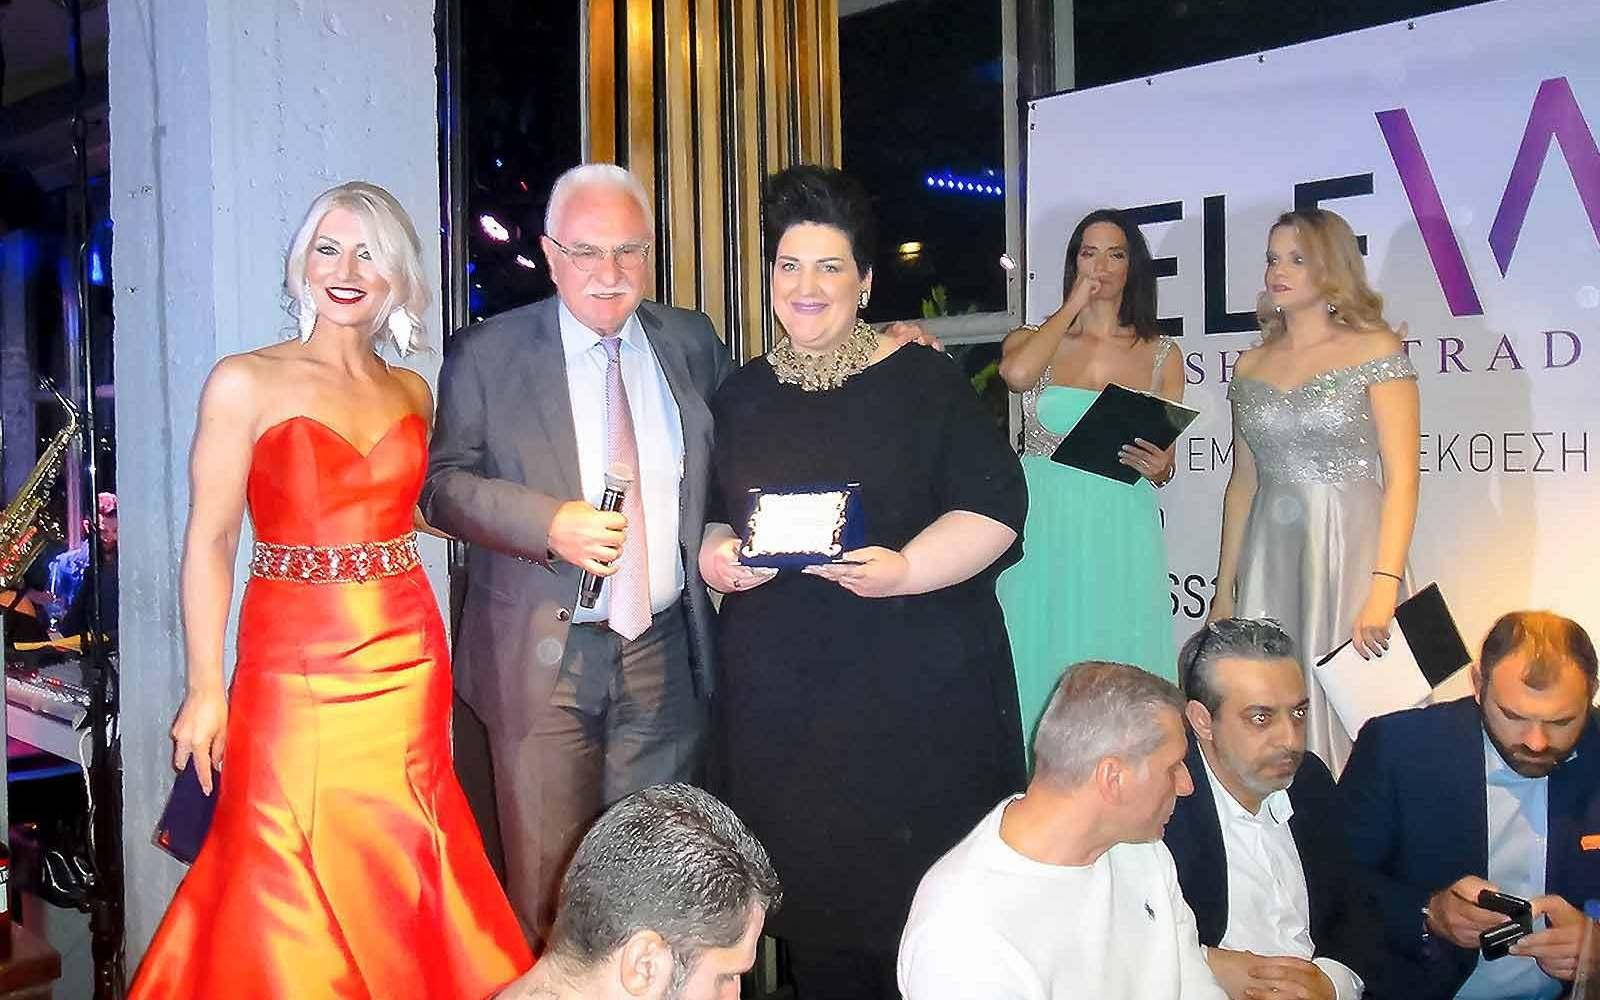 Elevate Fashion Show Βράβευσε ΤηΝ ρογδακη αννα μαρια